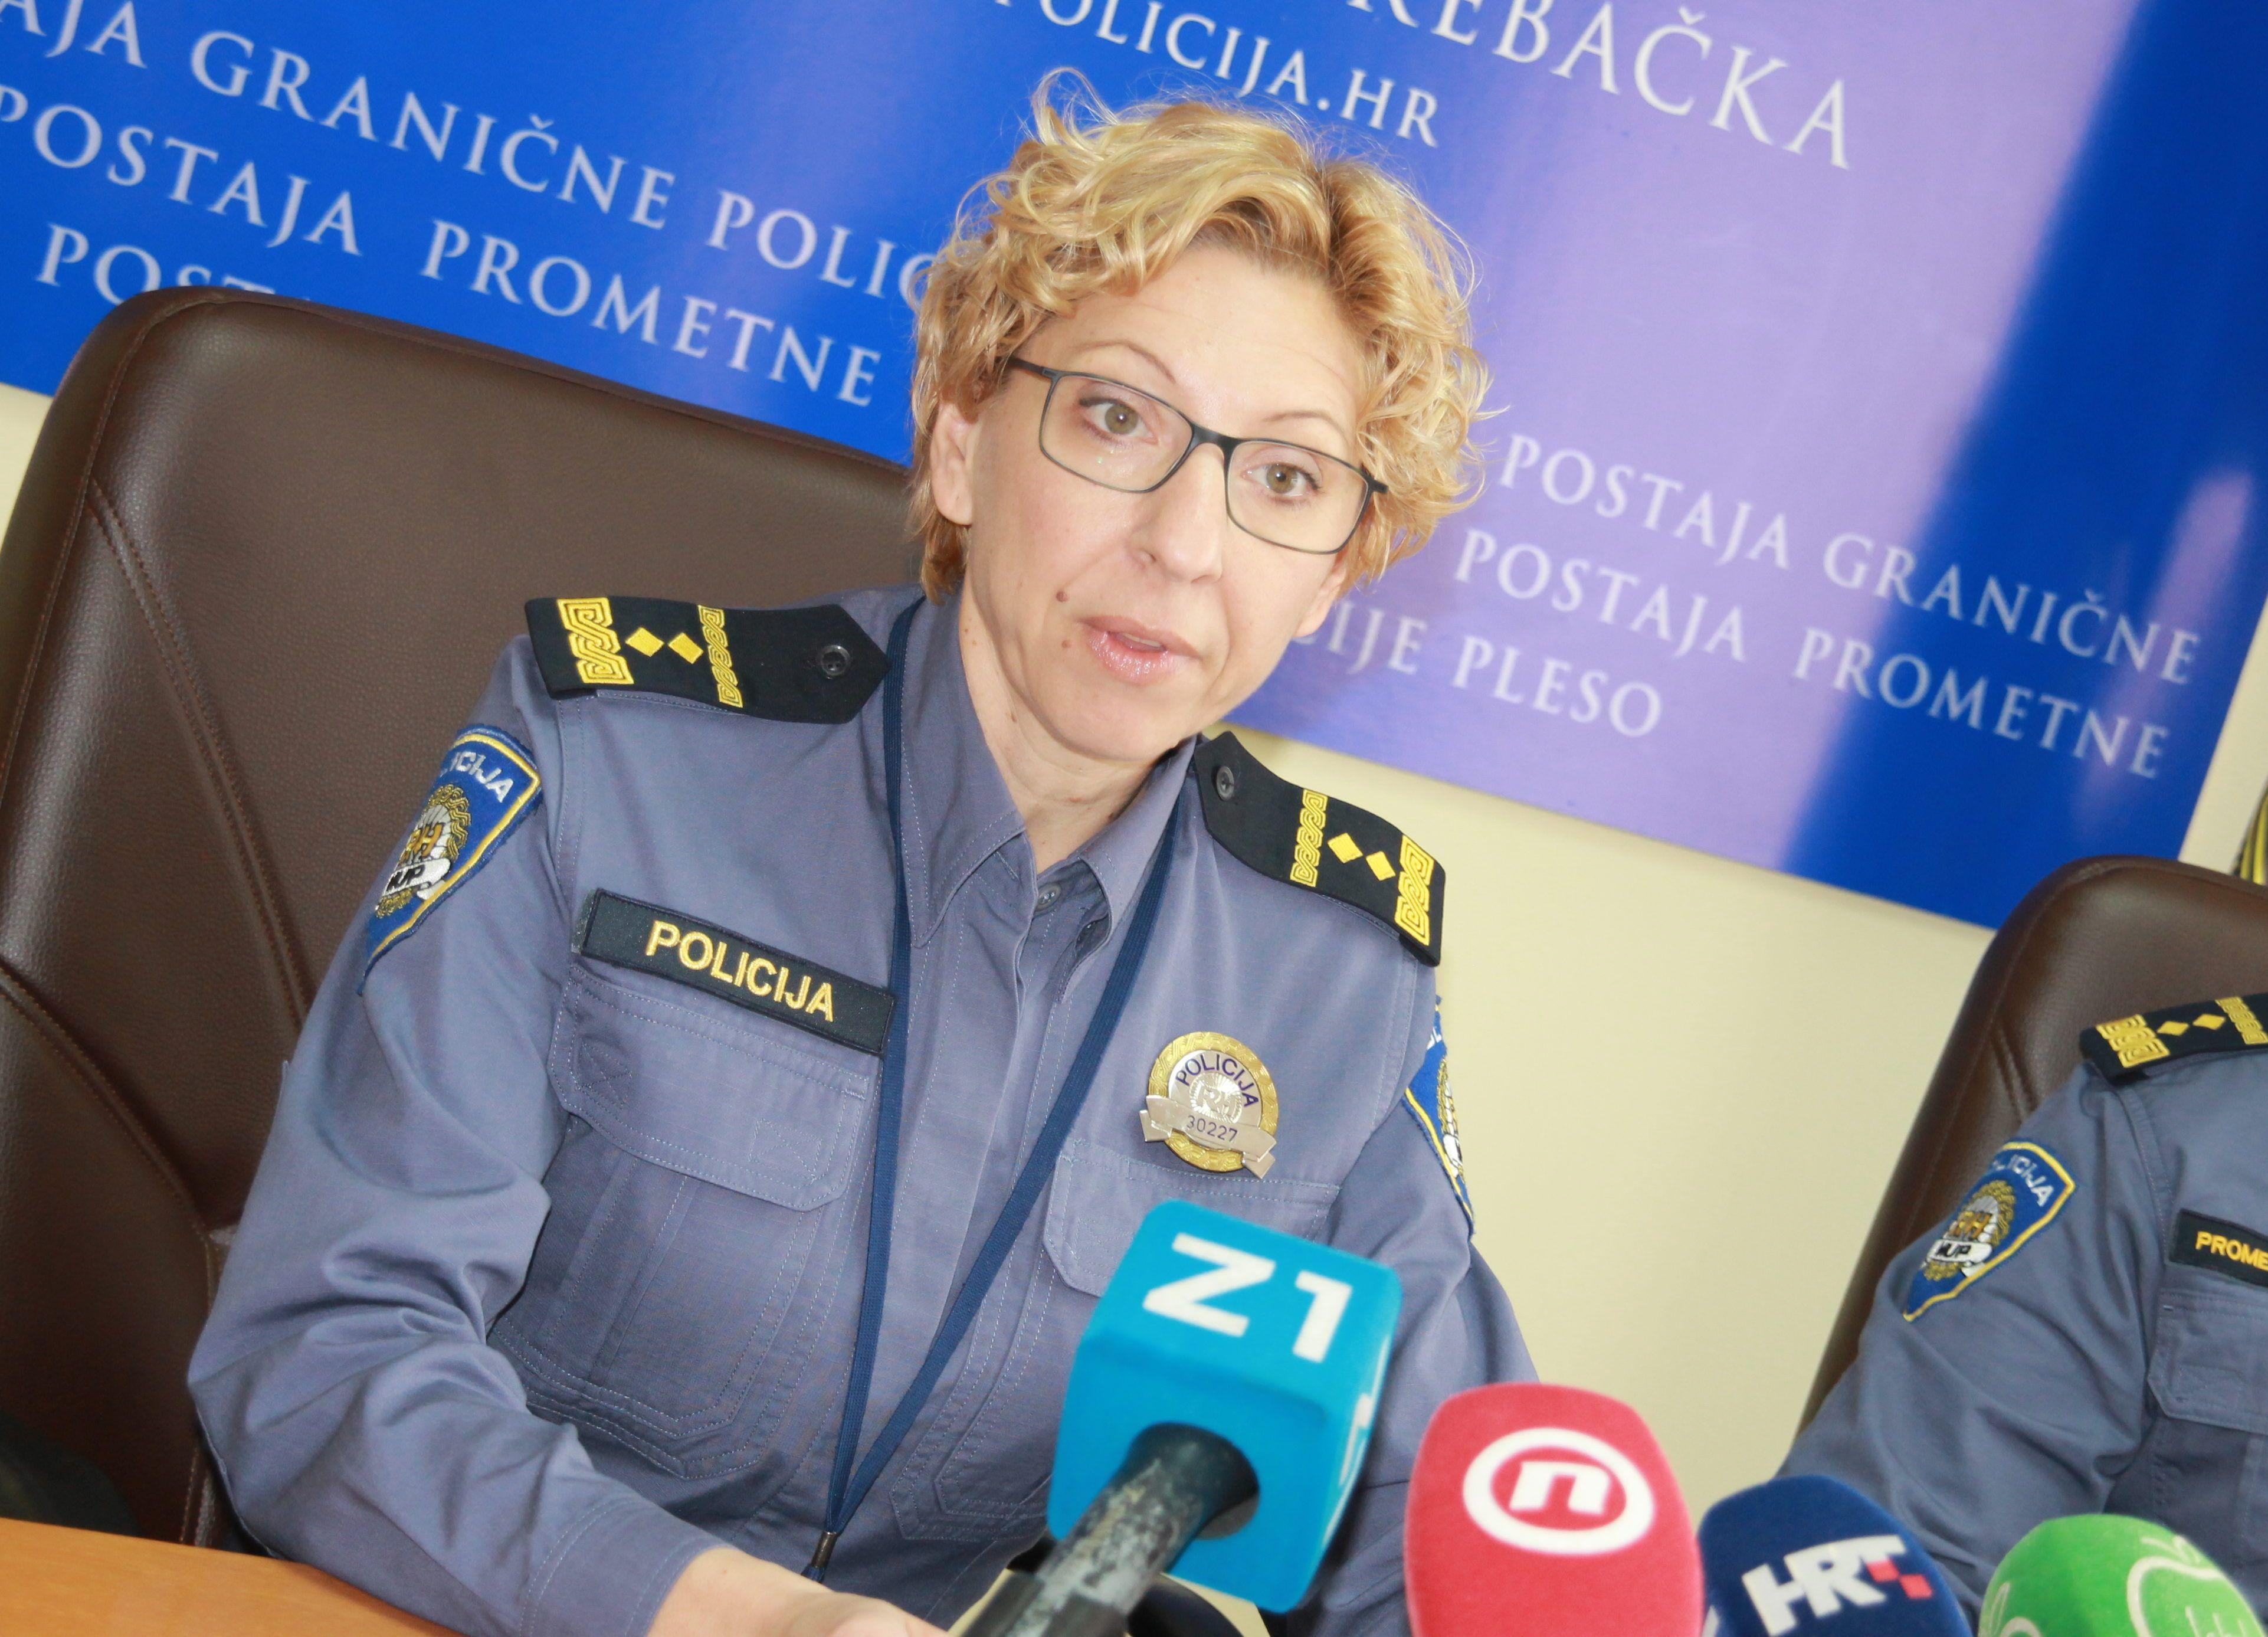 Zagrebačka policija: Pad konzumacije droge kod mladih, nasilje s ulice preselilo na društvene mreže